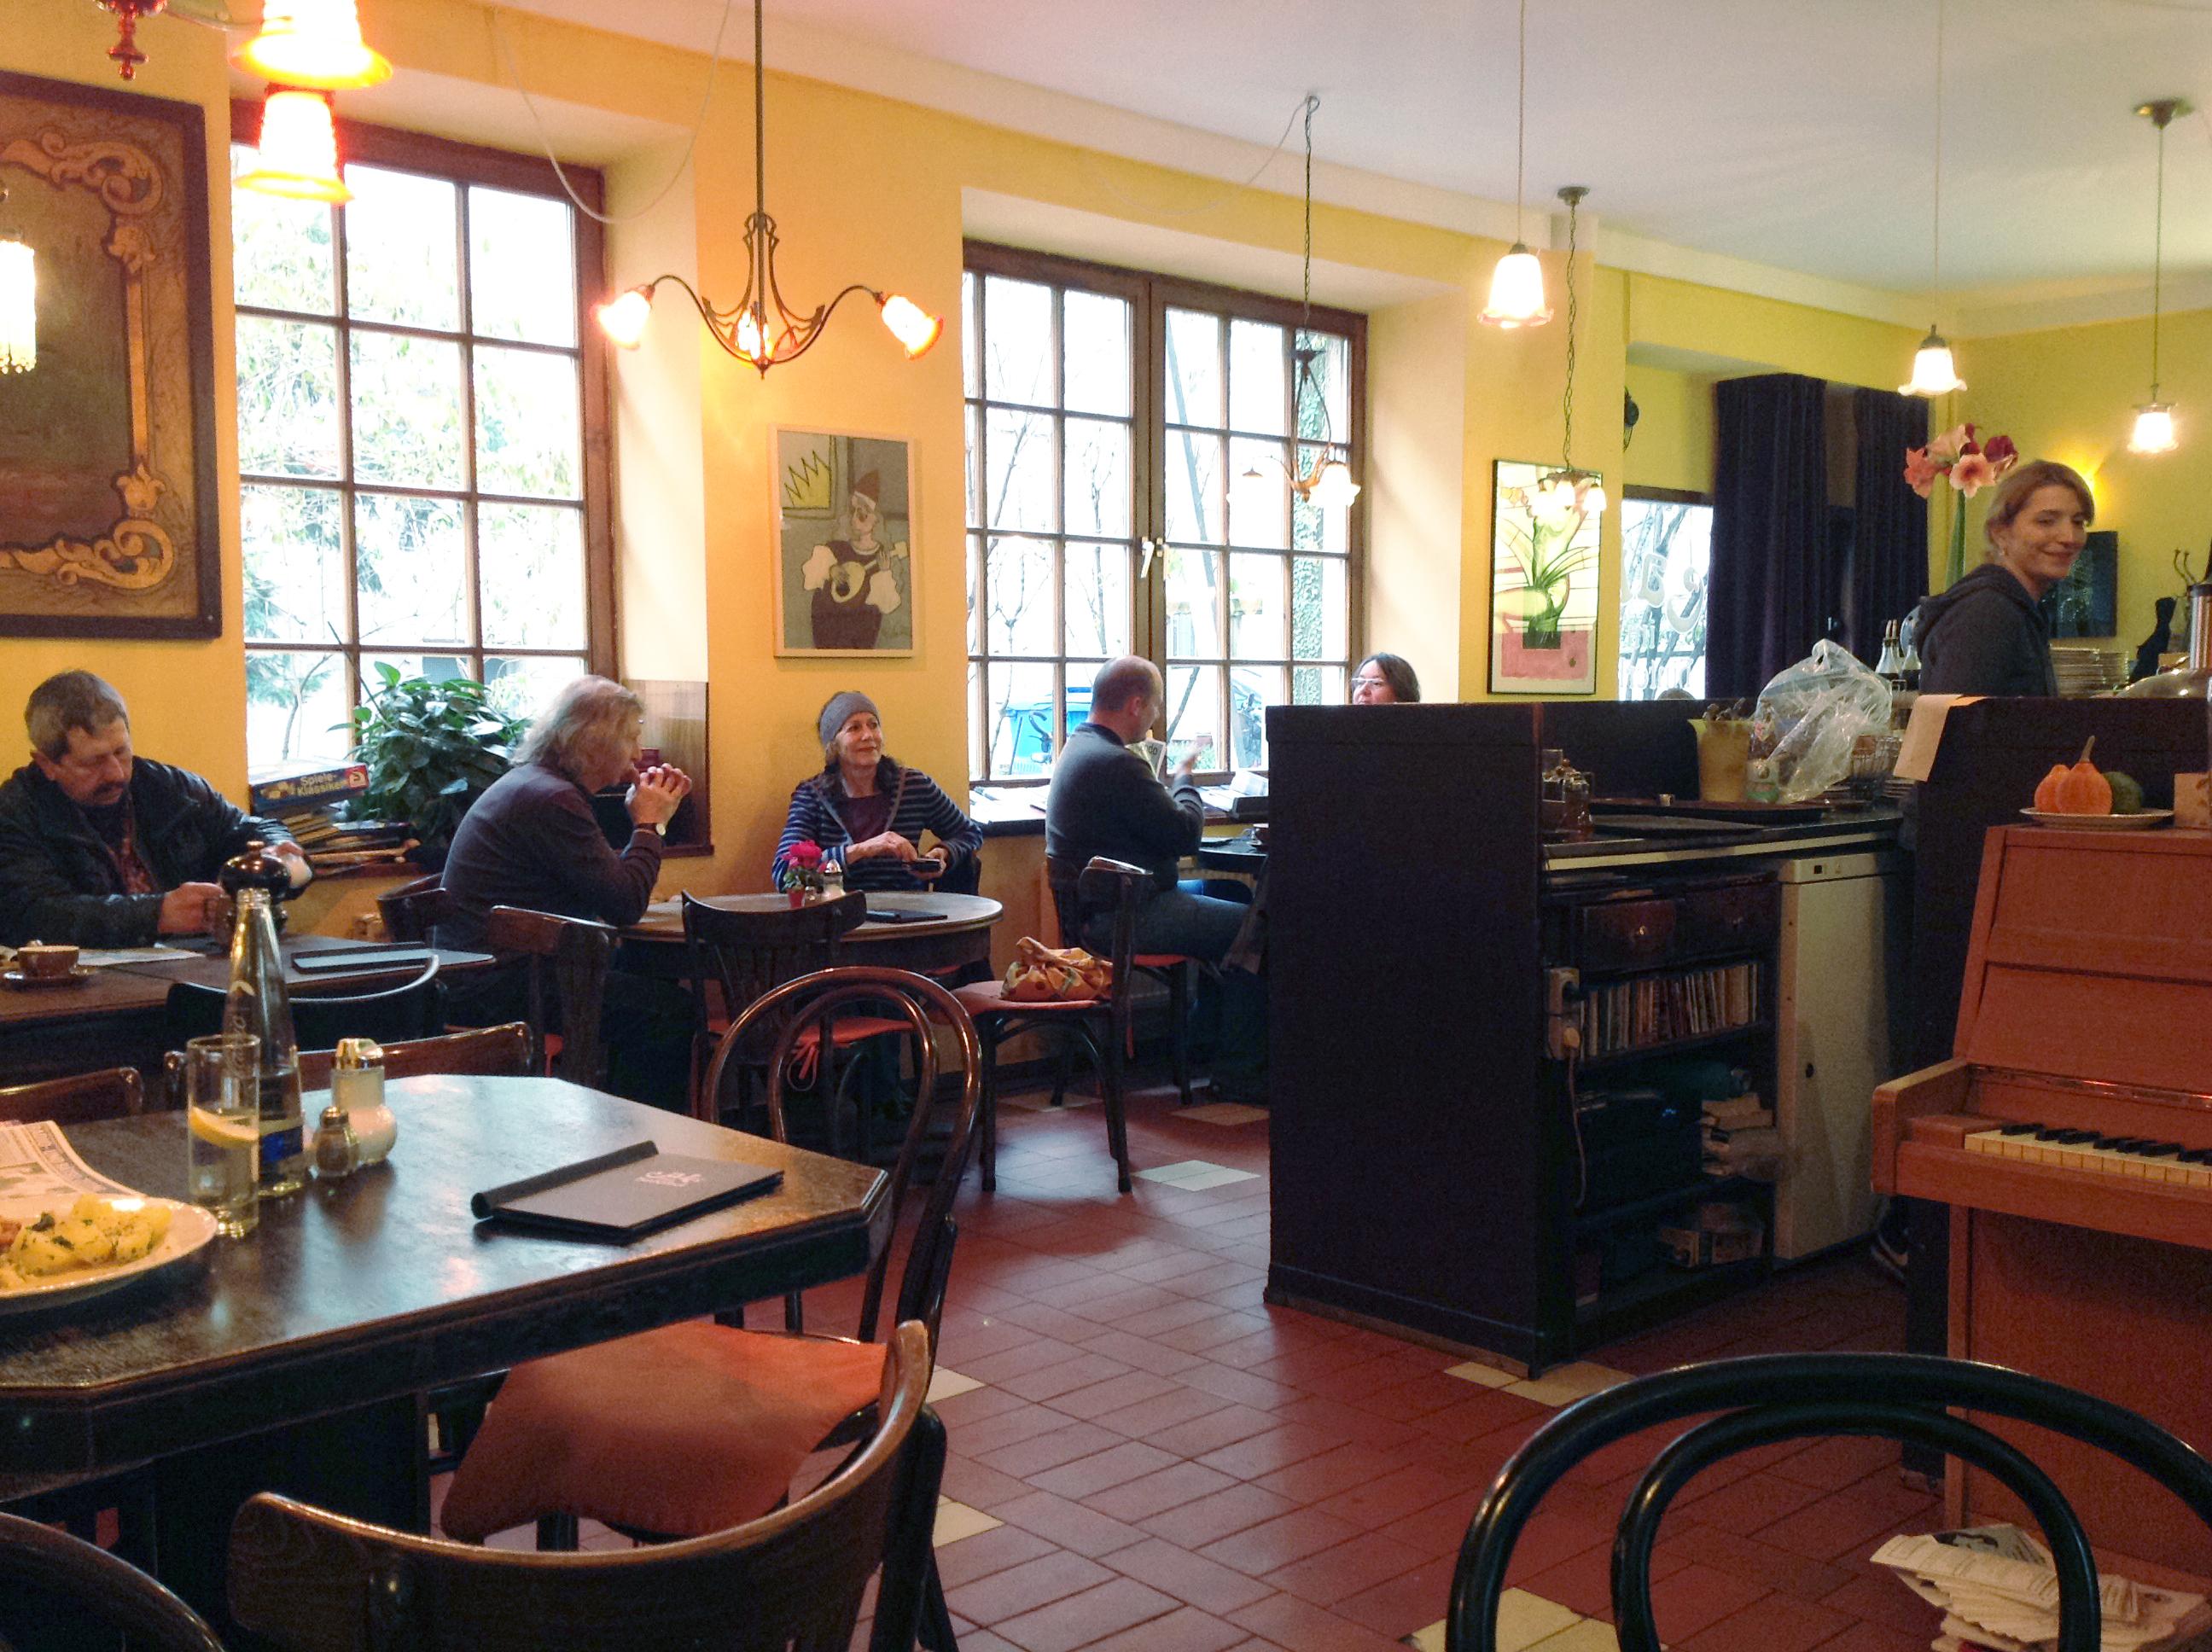 Cafe Im Hinterhof Schlemmerreise Auch Fur S Ohr Szenemuc